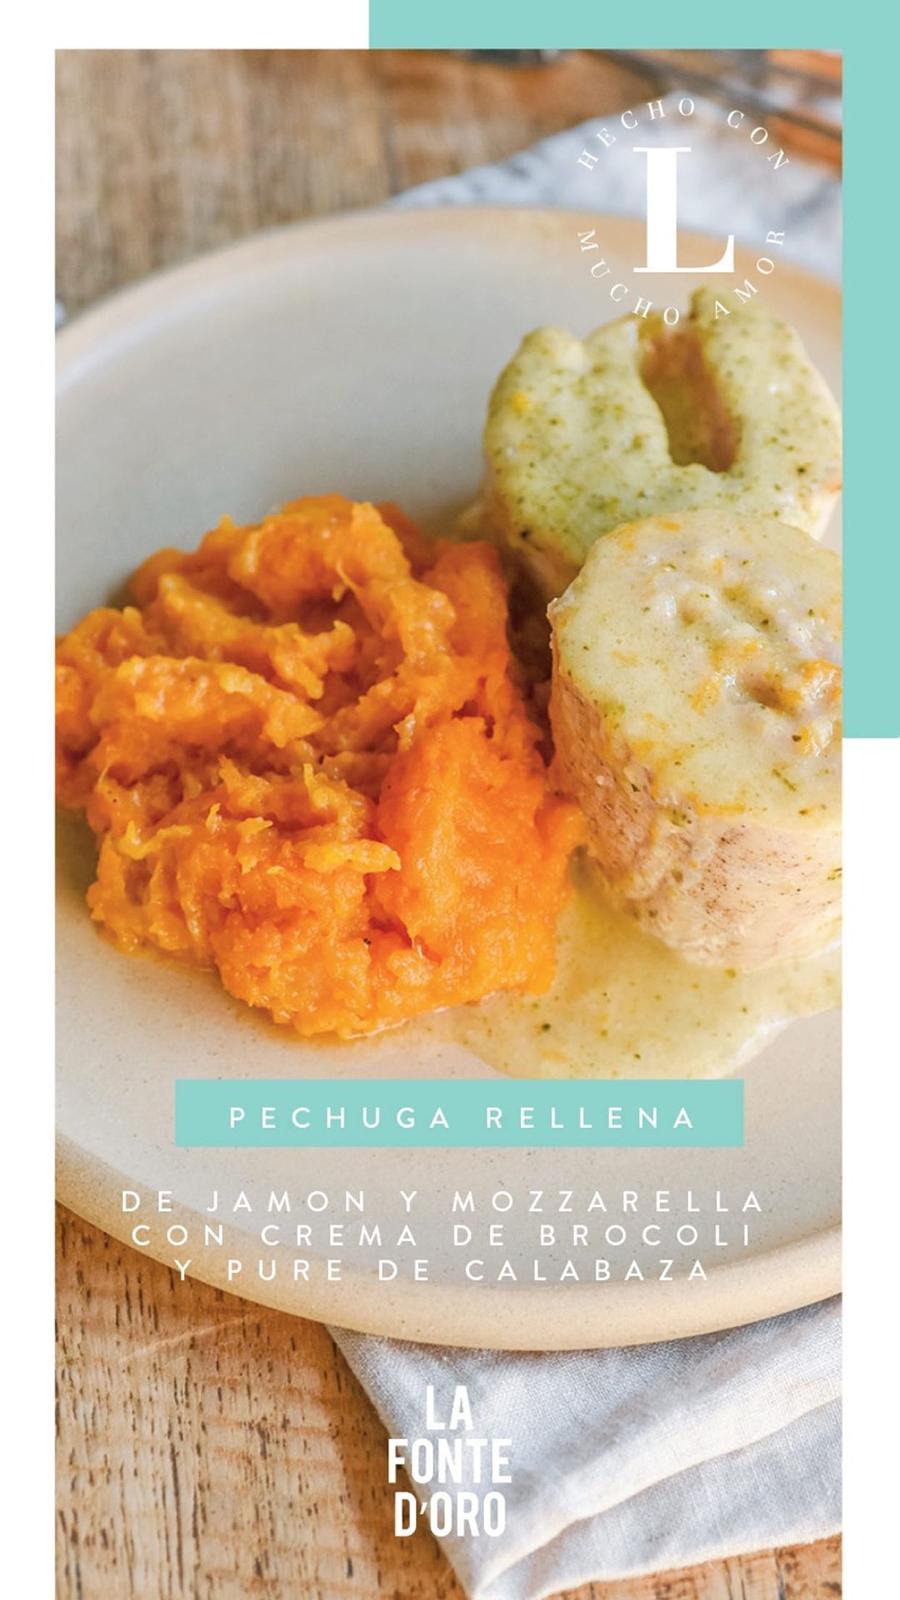 Pechuga rellena de jamón y mozarella,   cubierta de crema de brócoli y puré de   calabazas asadas al horno.